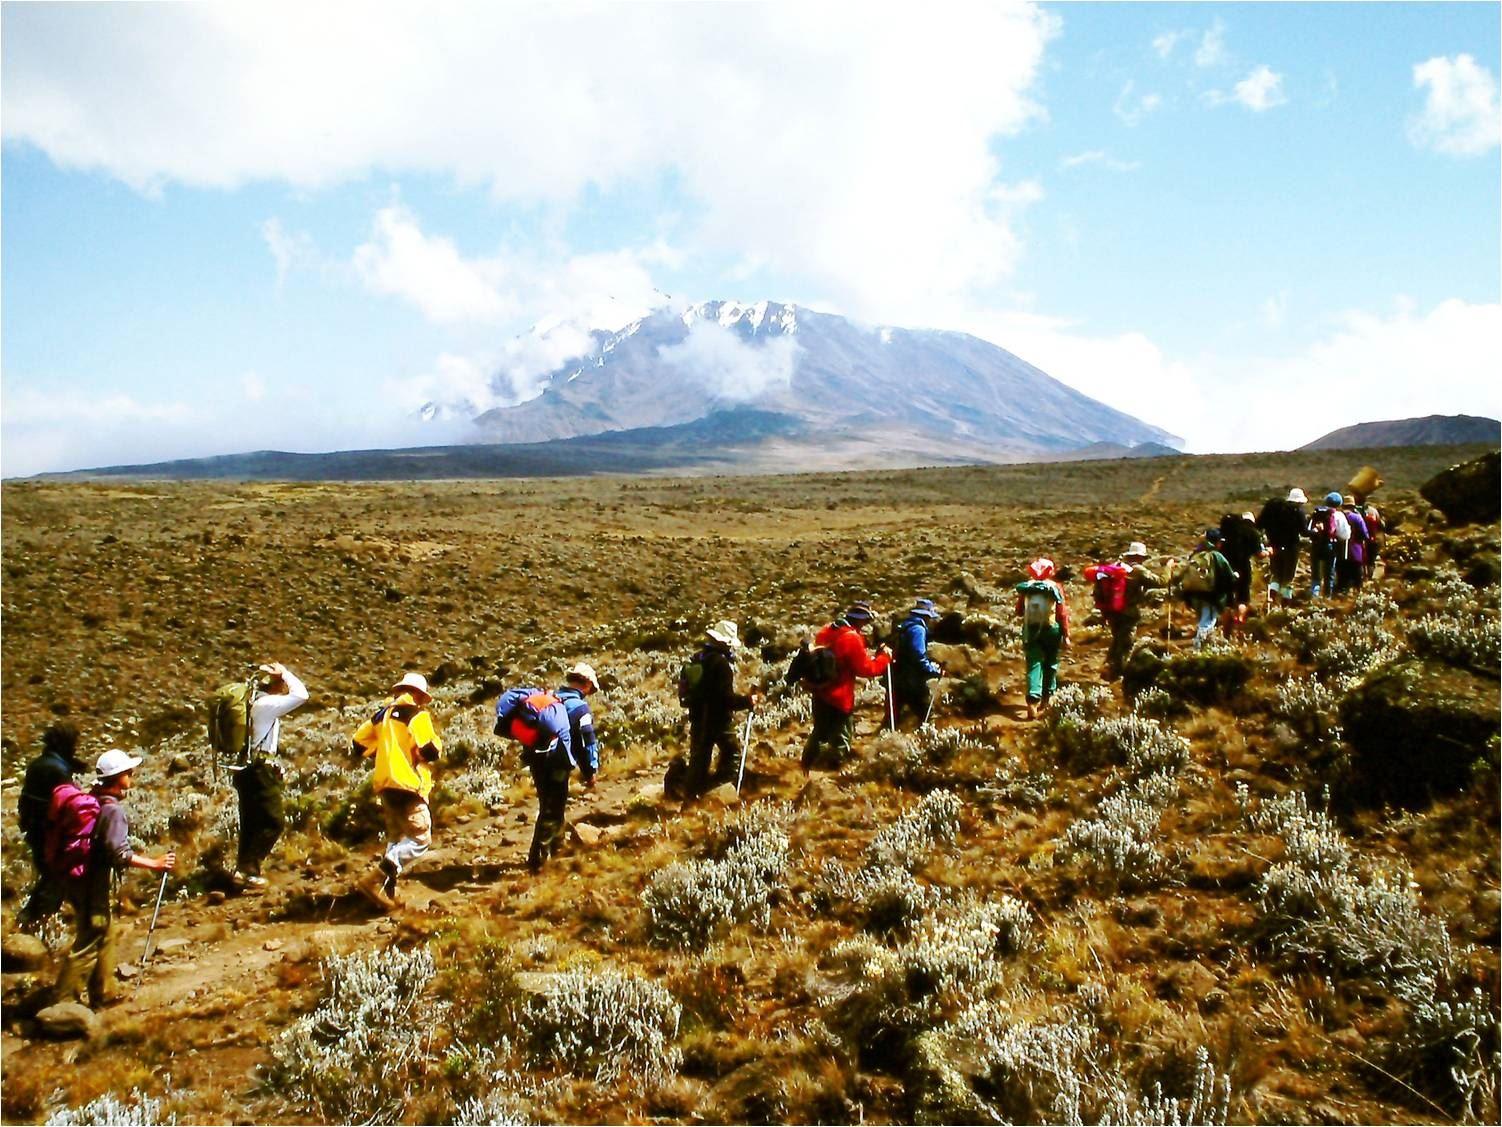 Upplev Kilimanjaro - föredrag med bildspel till musik